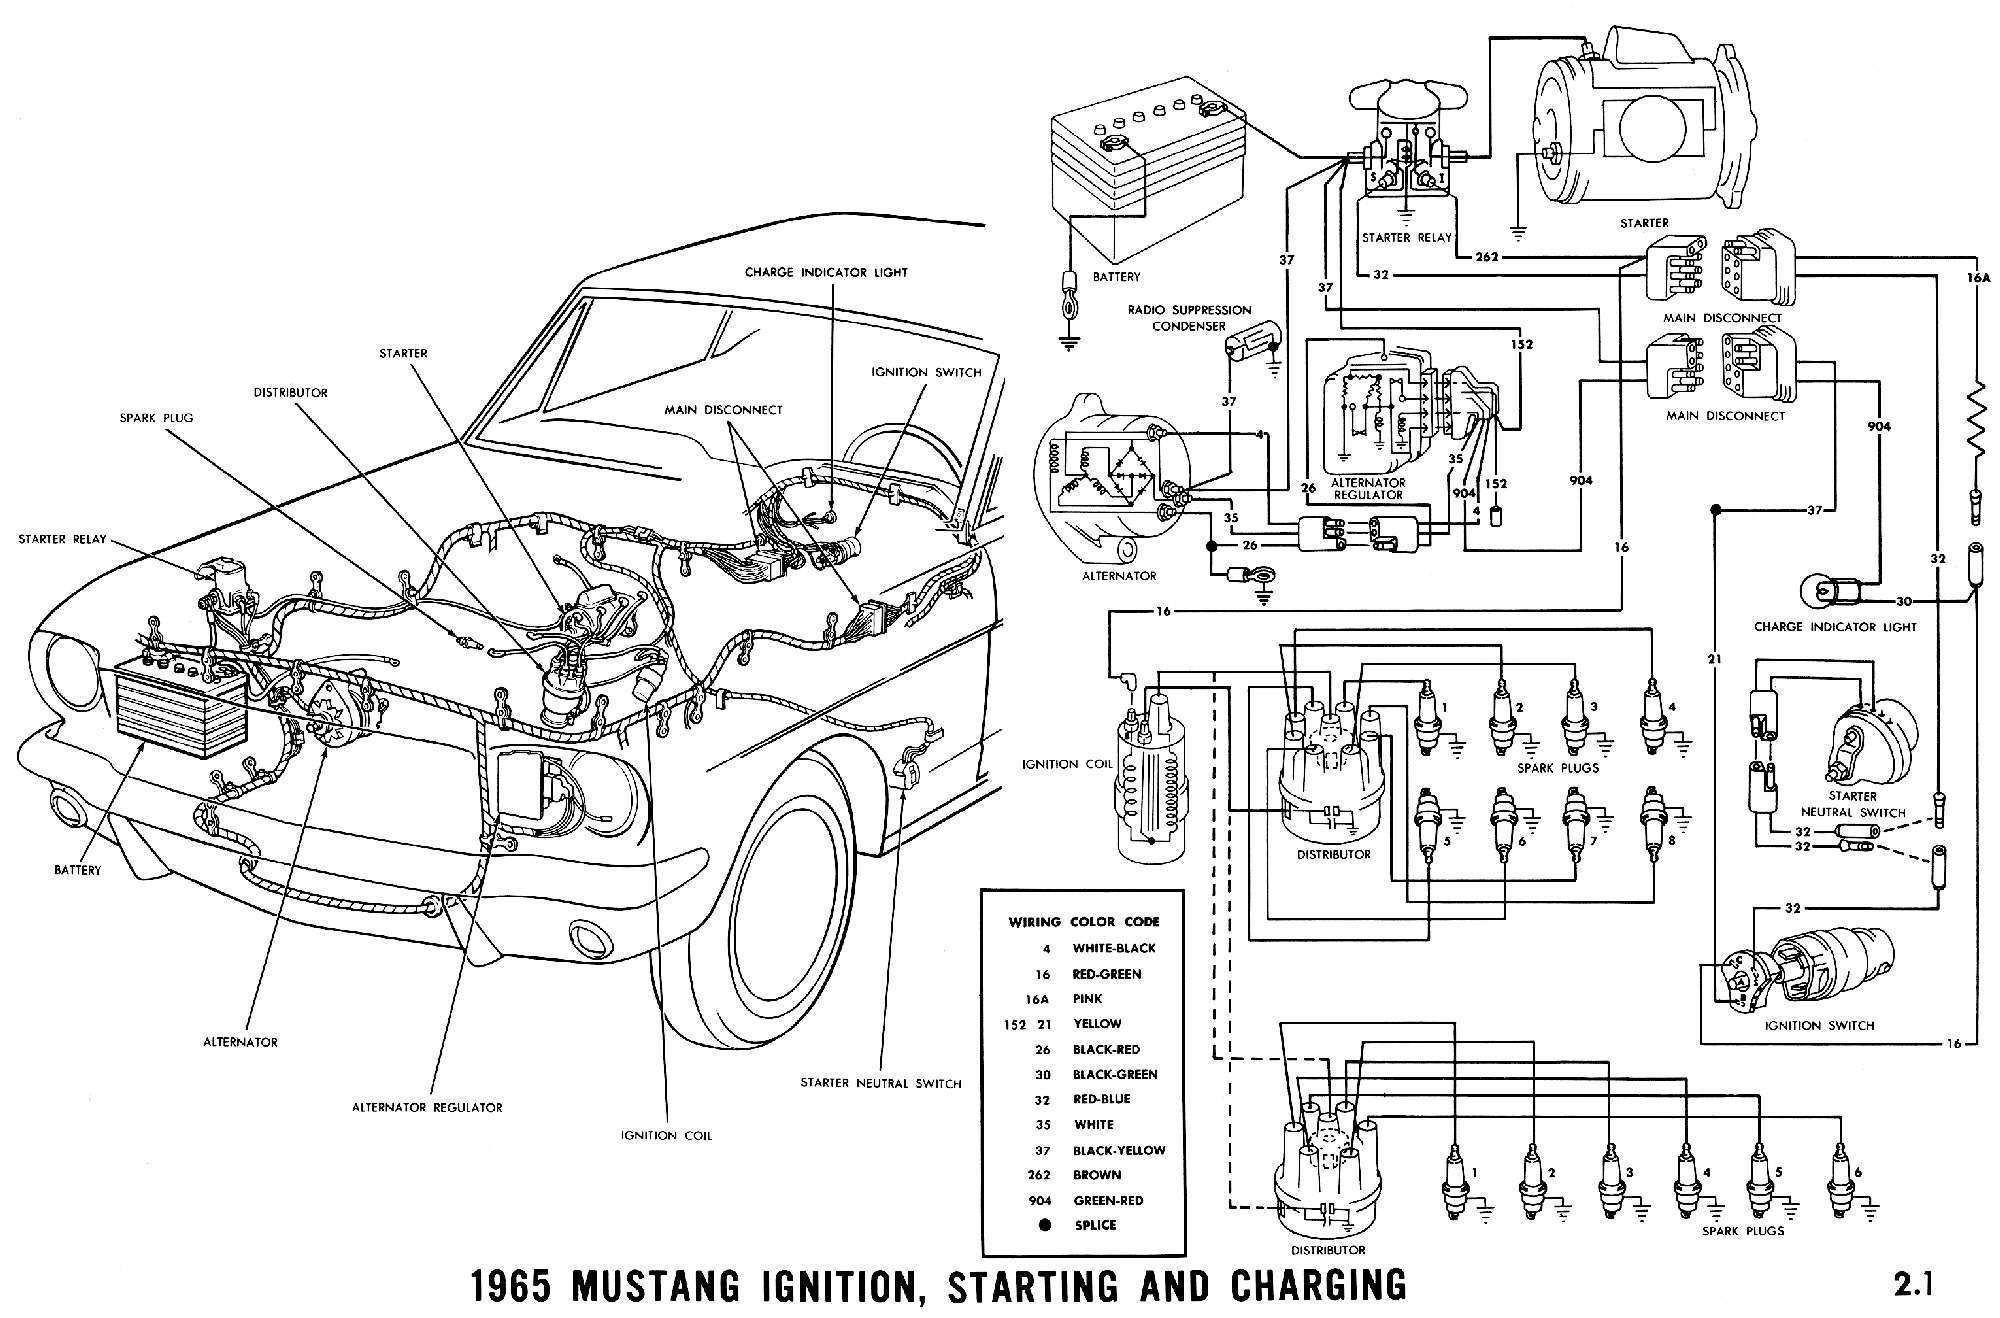 1965 Ford Mustang Wiring Diagram - Wiring Diagrams Hubs - 66 Mustang Wiring Diagram